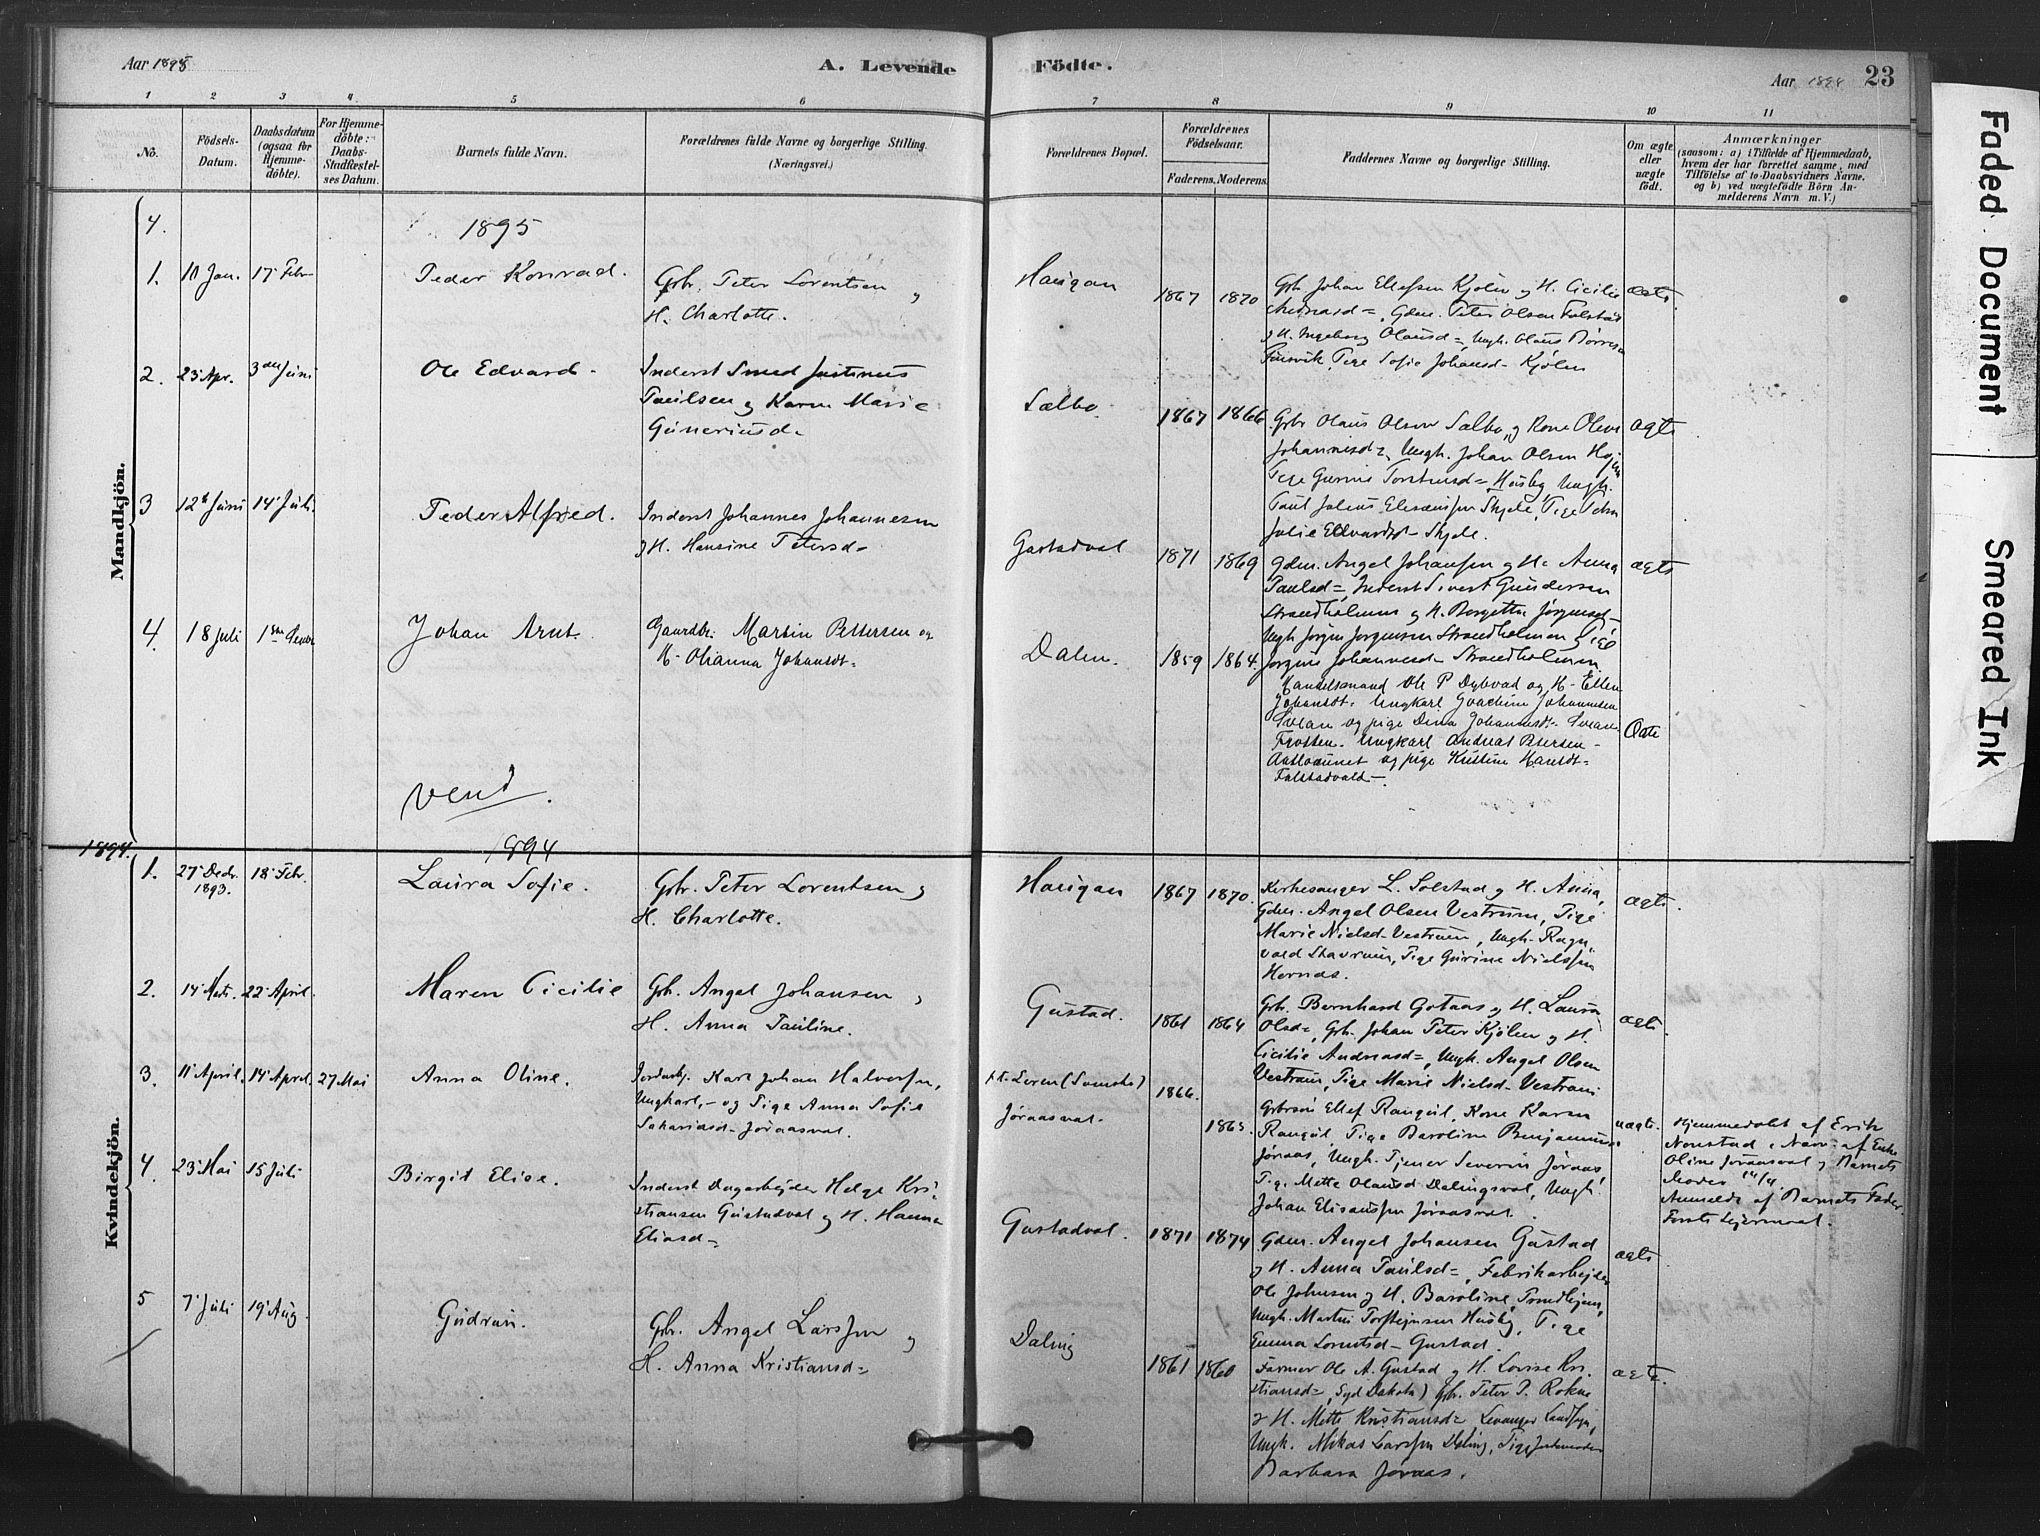 SAT, Ministerialprotokoller, klokkerbøker og fødselsregistre - Nord-Trøndelag, 719/L0178: Ministerialbok nr. 719A01, 1878-1900, s. 23